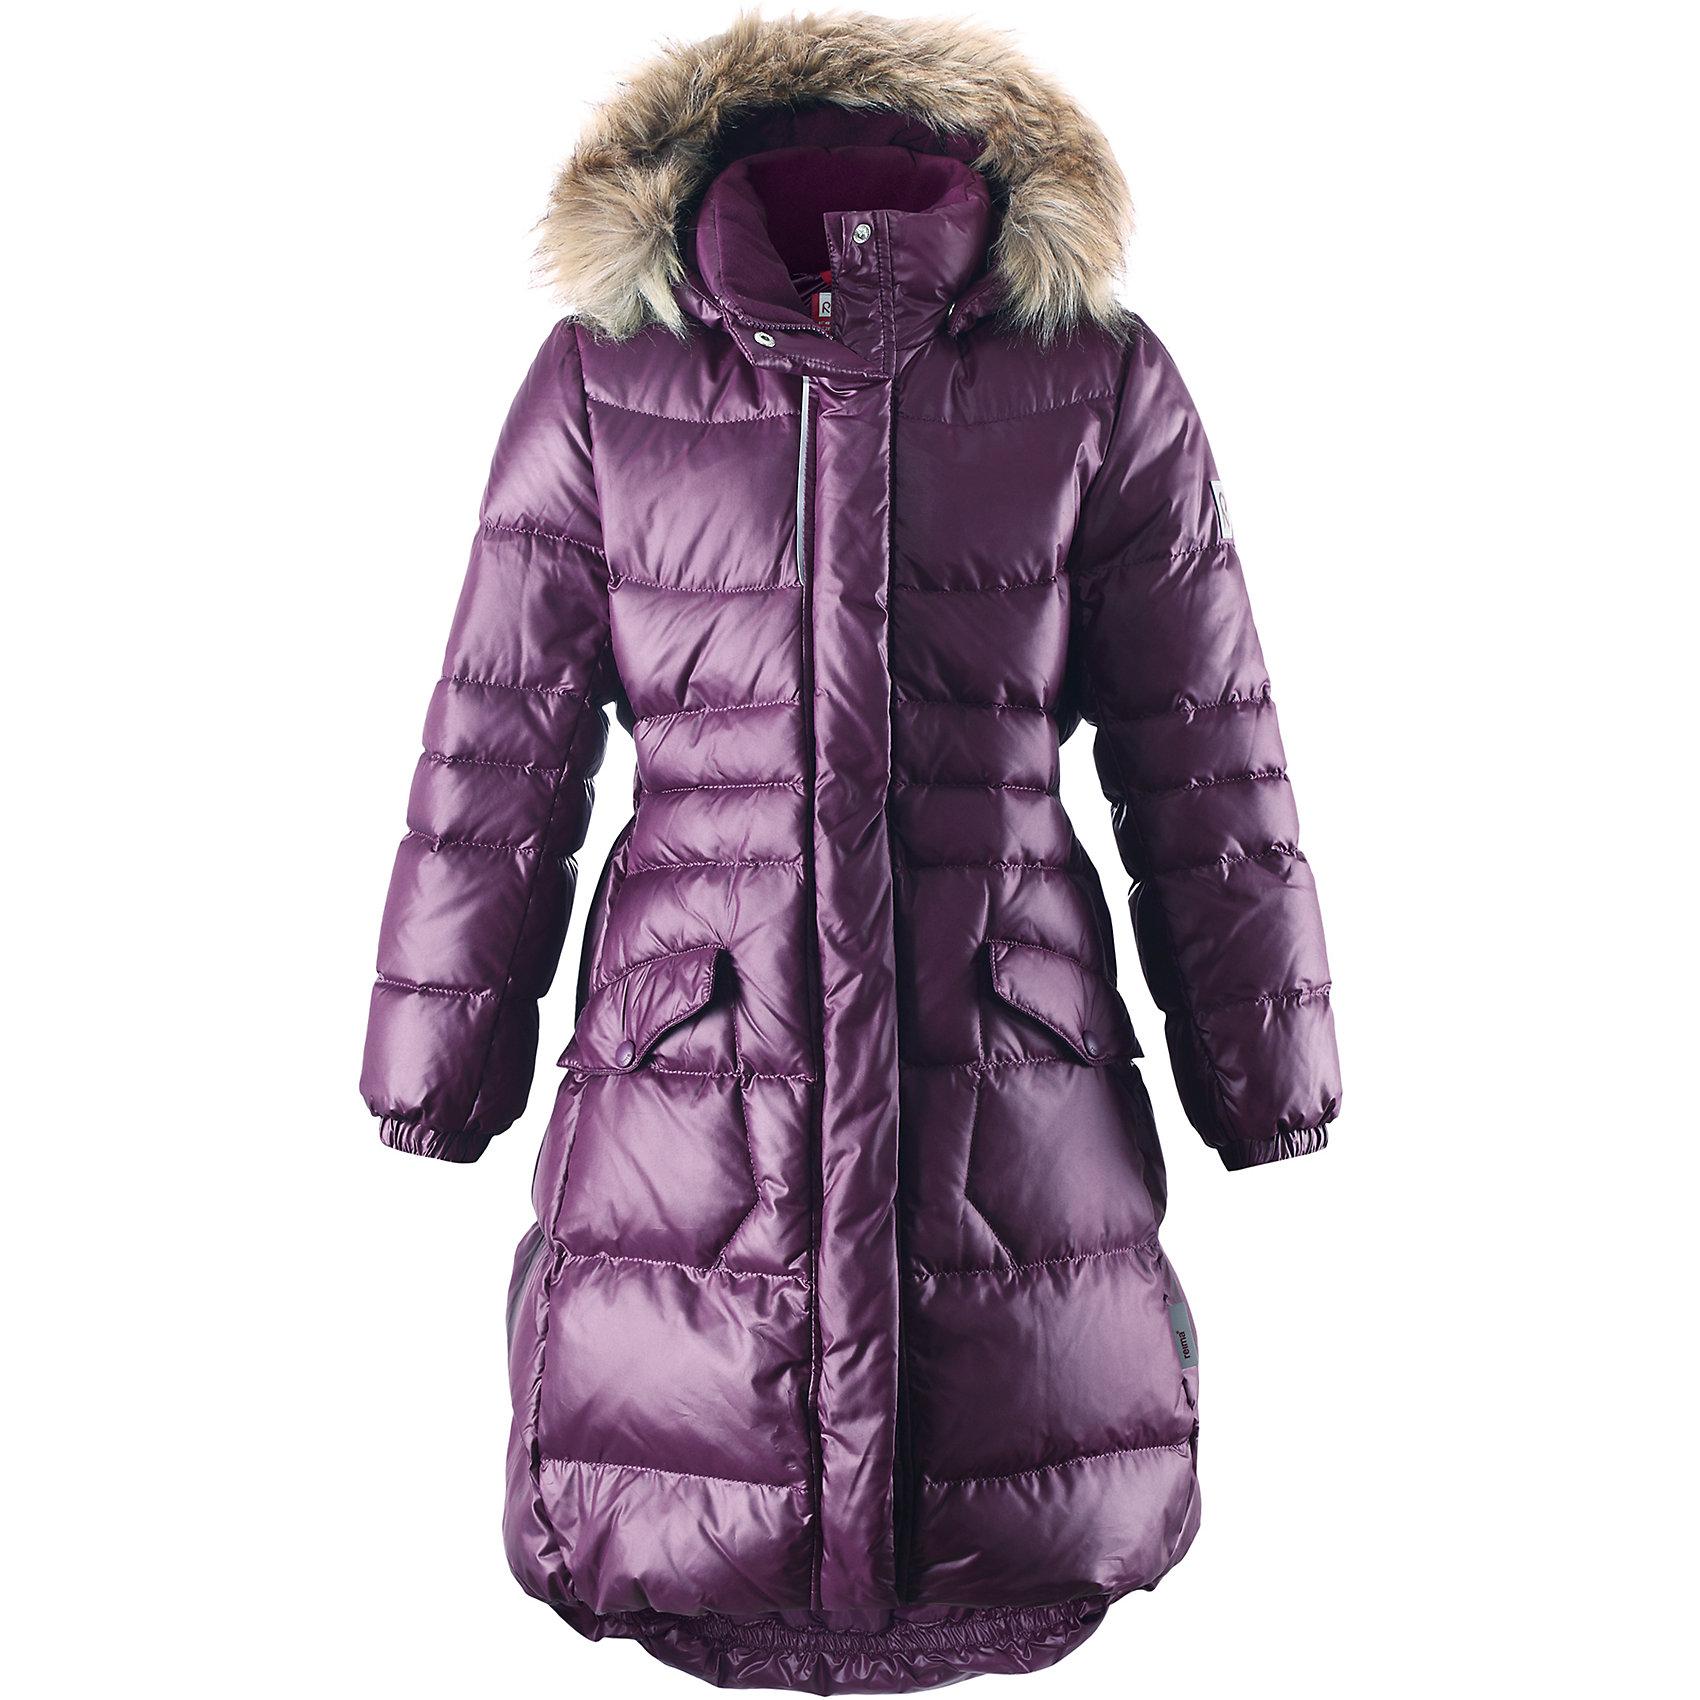 Пальто Satu для девочки ReimaПальто для девочки Reima<br>Куртка для подростков. Водоотталкивающий, ветронепроницаемый, «дышащий» и грязеотталкивающий материал. Крой для девочек. Гладкая подкладка из полиэстра. Безопасный съемный капюшон с отсоединяемой меховой каймой из искусственного меха. Эластичный пояс сзади. Эластичные подол и манжеты. Двухсторонняя молния по всей длине. Два кармана с клапанами. Безопасные светоотражающие детали. Петля для дополнительных светоотражающих деталей.<br>Уход:<br>Стирать по отдельности, вывернув наизнанку. Перед стиркой отстегните искусственный мех. Застегнуть молнии и липучки. Стирать моющим средством, не содержащим отбеливающие вещества. Полоскать без специального средства. Во избежание изменения цвета изделие необходимо вынуть из стиральной машинки незамедлительно после окончания программы стирки. Барабанное сушение при низкой температуре с 3 теннисными мячиками. Выверните изделие наизнанку в середине сушки.<br>Состав:<br>100% Полиэстер<br><br>Ширина мм: 356<br>Глубина мм: 10<br>Высота мм: 245<br>Вес г: 519<br>Цвет: фиолетовый<br>Возраст от месяцев: 60<br>Возраст до месяцев: 72<br>Пол: Женский<br>Возраст: Детский<br>Размер: 116,134,128,122,110,104,164,158,152,146,140<br>SKU: 4778582